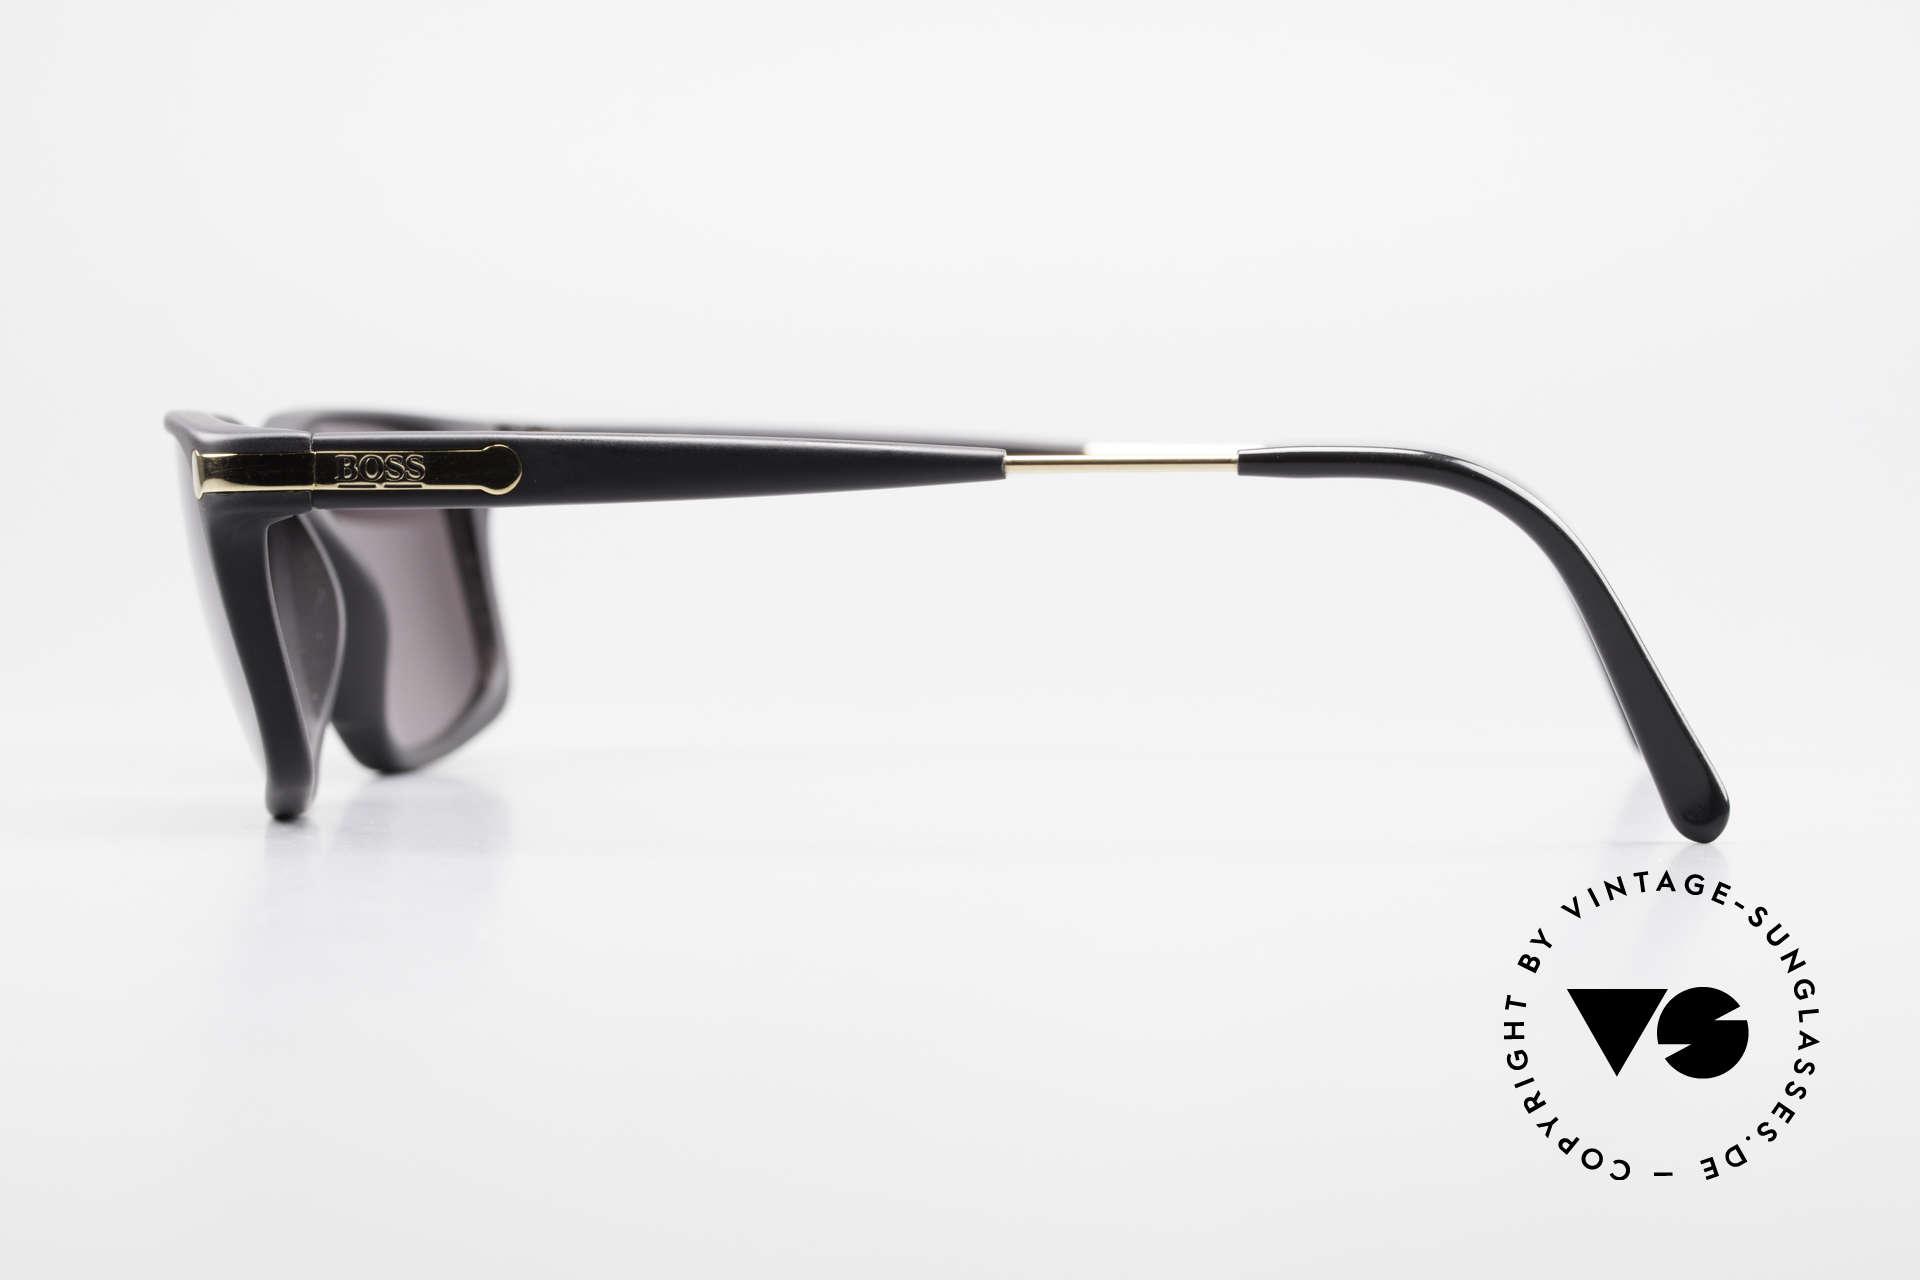 BOSS 5174 Vintage Sonnenbrille Eckig, das Material scheint nicht zu altern & ist sehr leicht, Passend für Herren